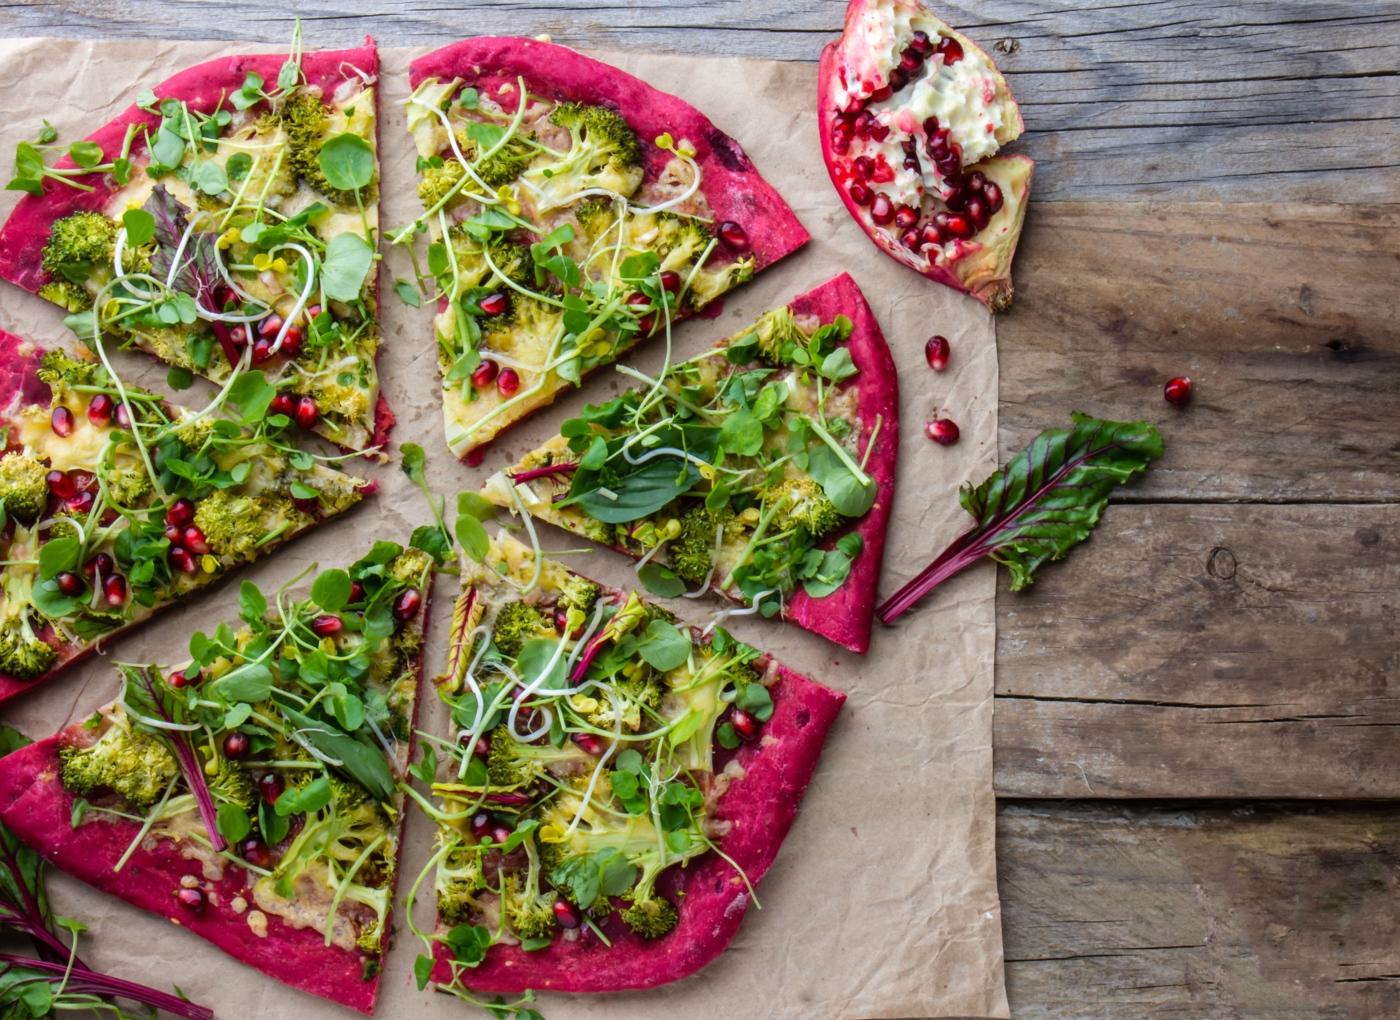 Massa de pizza à base de legumes: beterraba